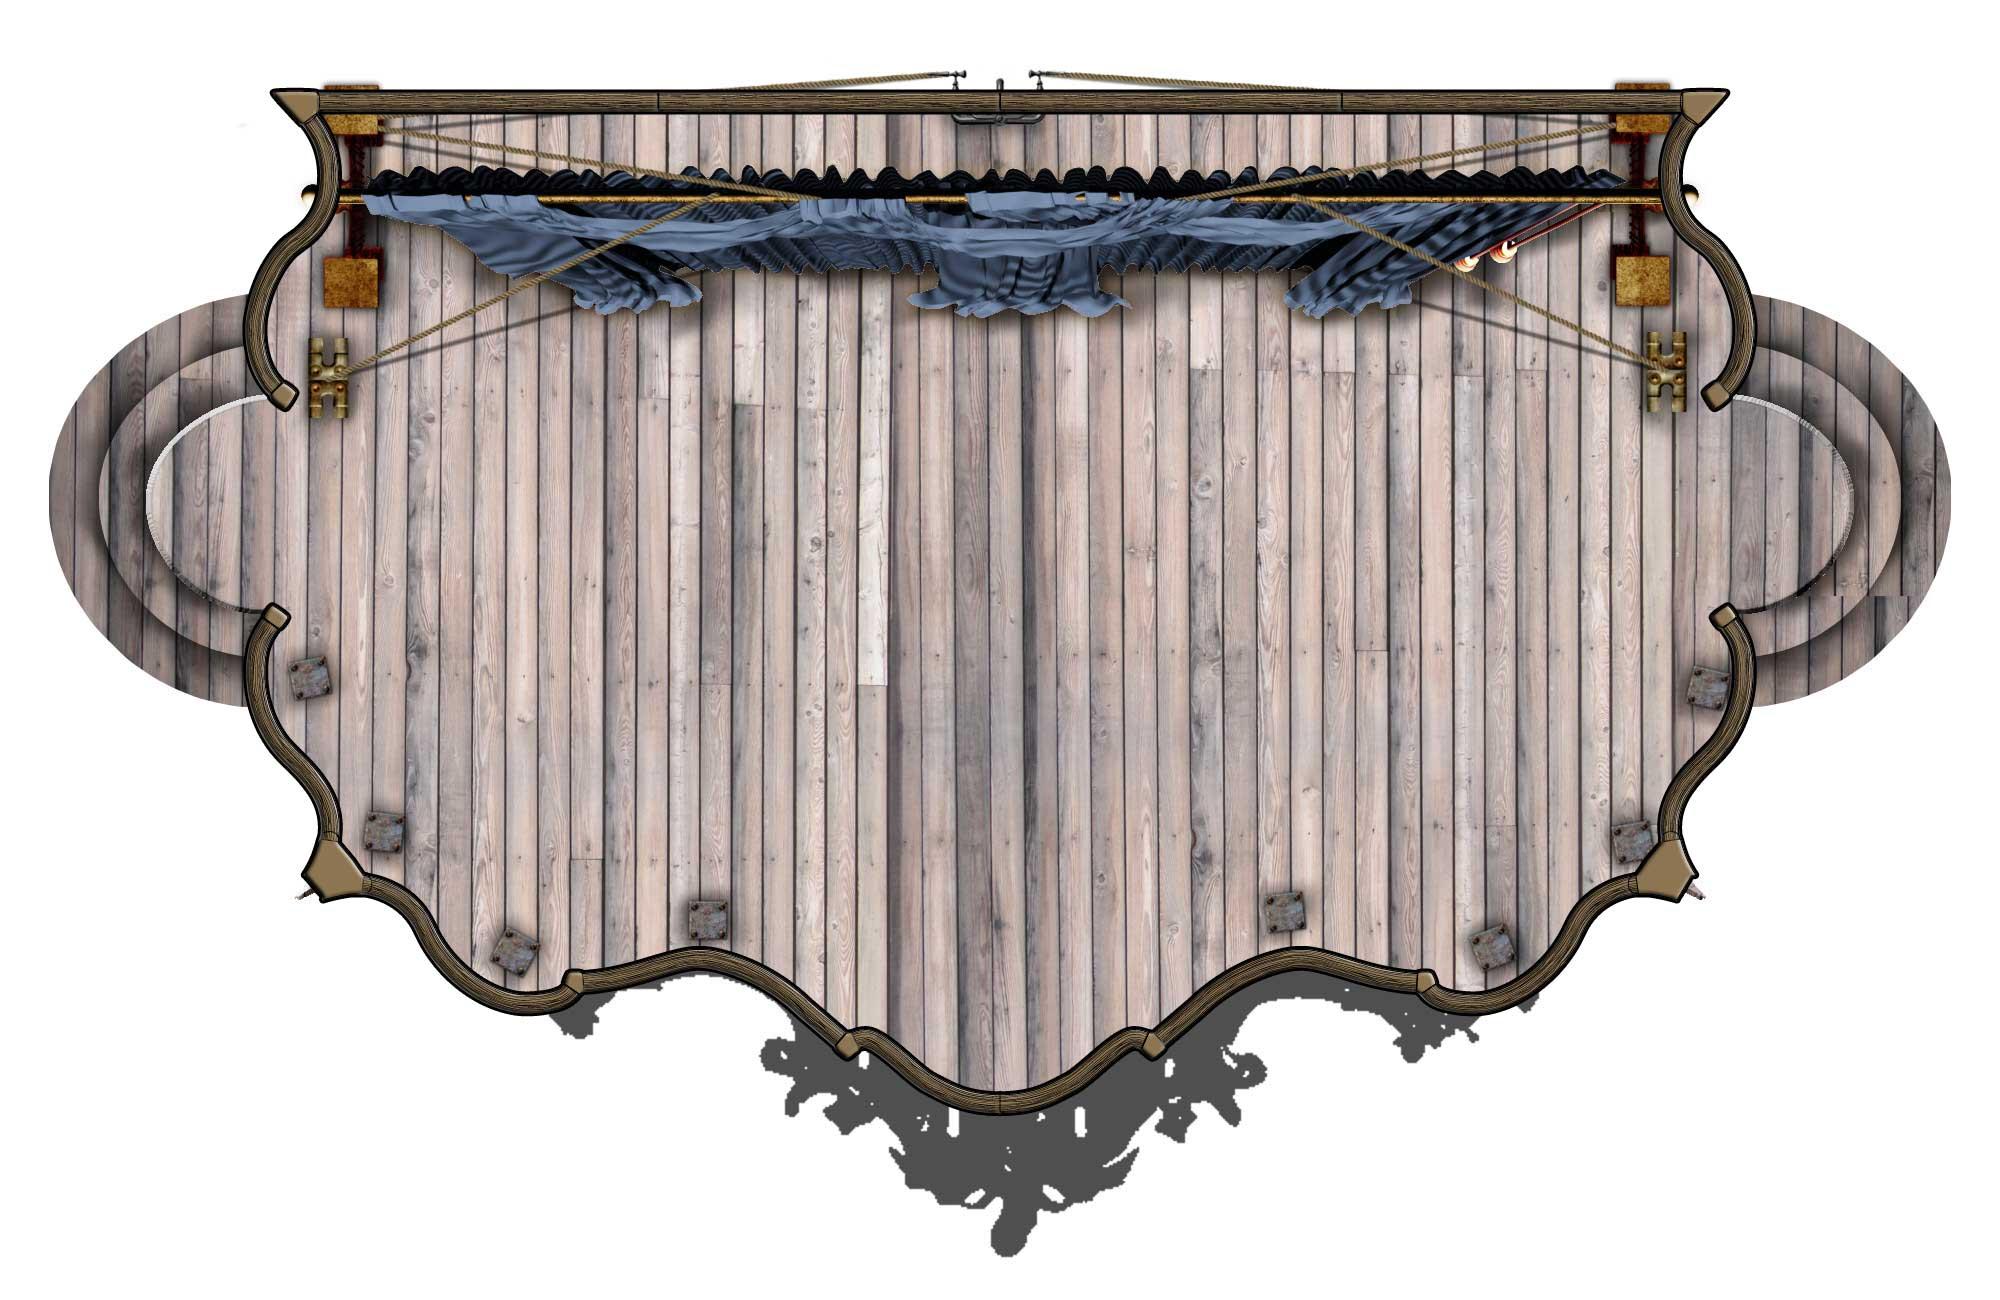 stageBorder